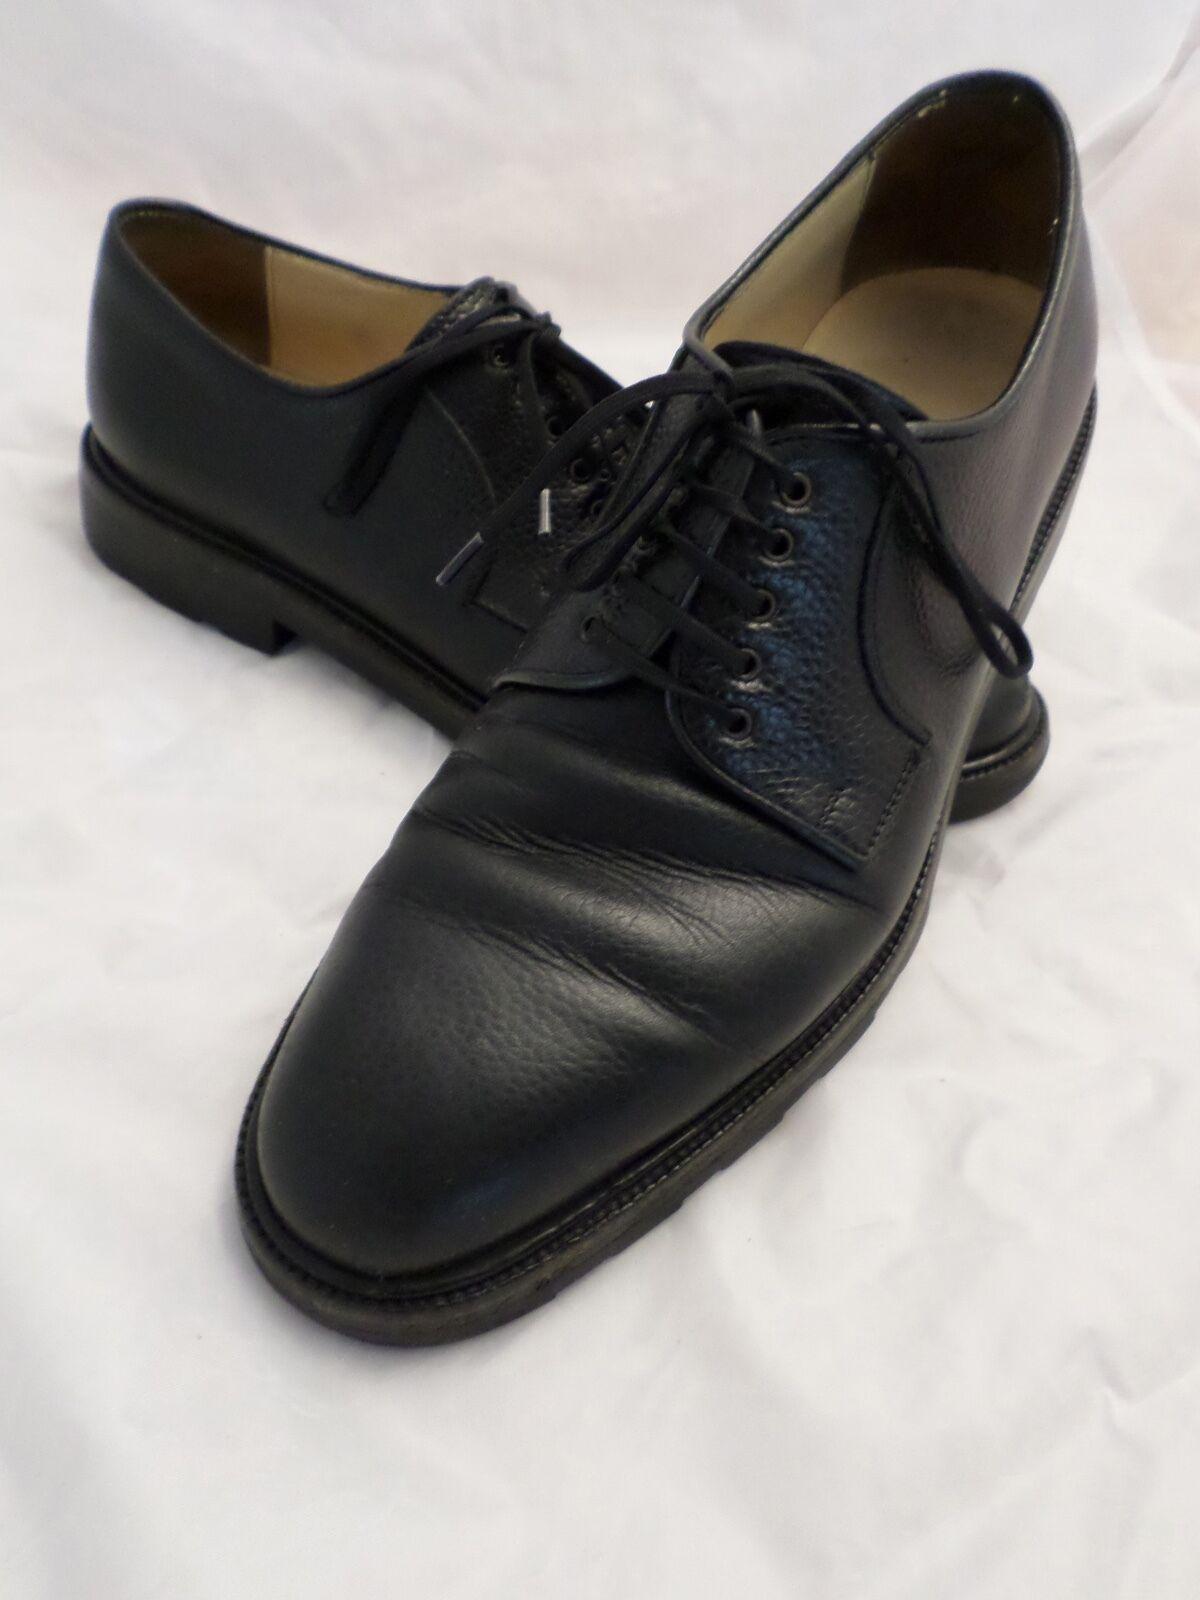 Salvatore Ferragamo black pebble leather lug tread sole new shoes shoes 7D